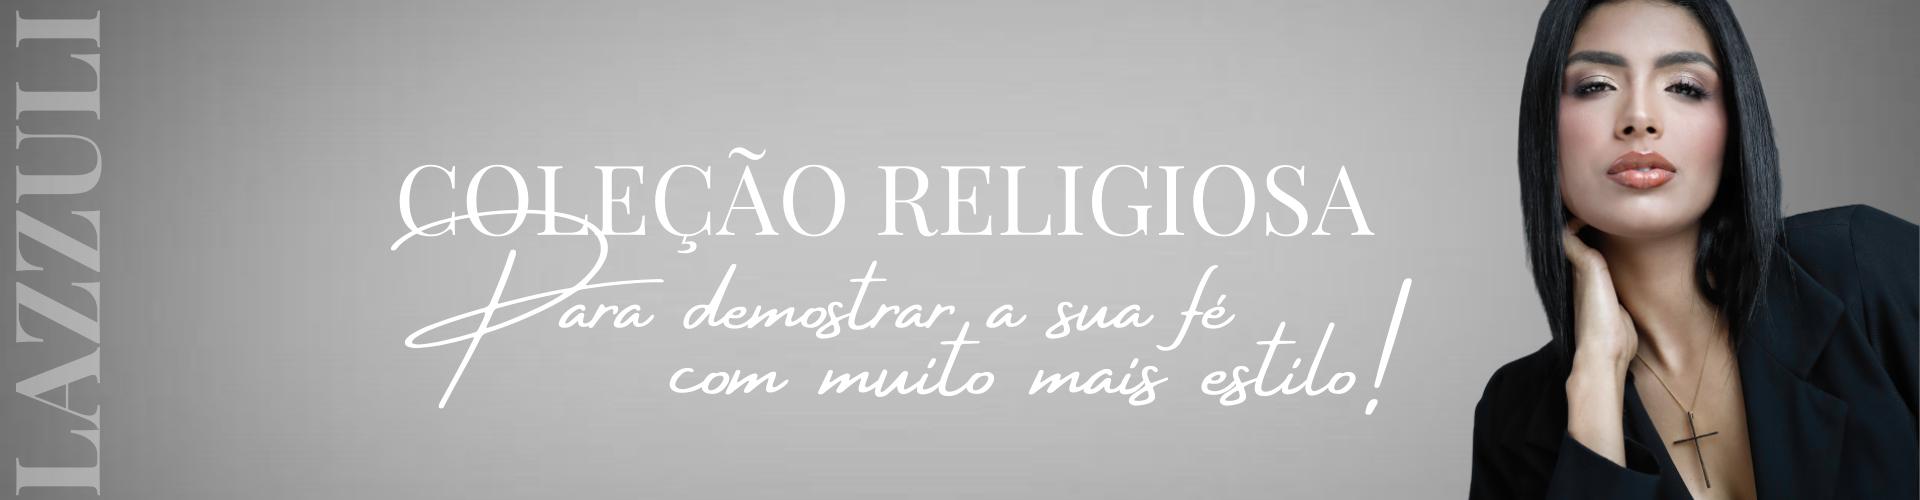 Coleção Religiosa